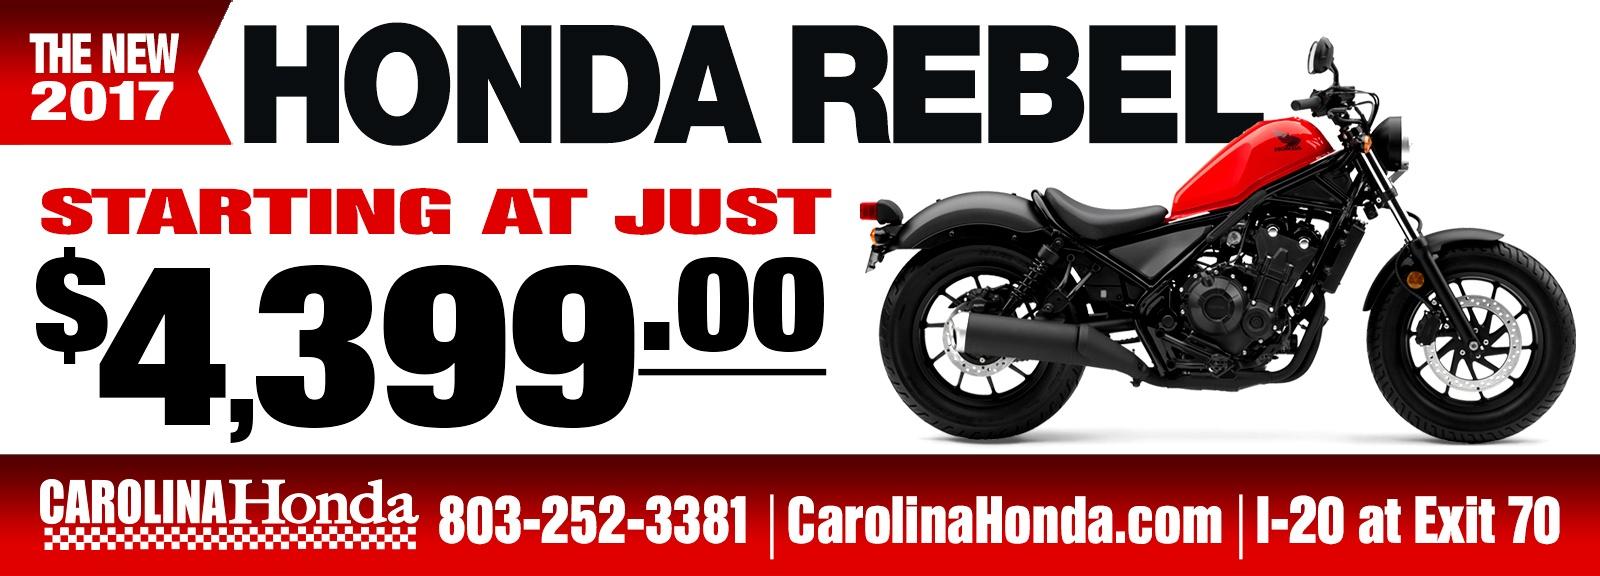 Honda of columbia honda dealer lexington south carolina for Columbia honda dealership